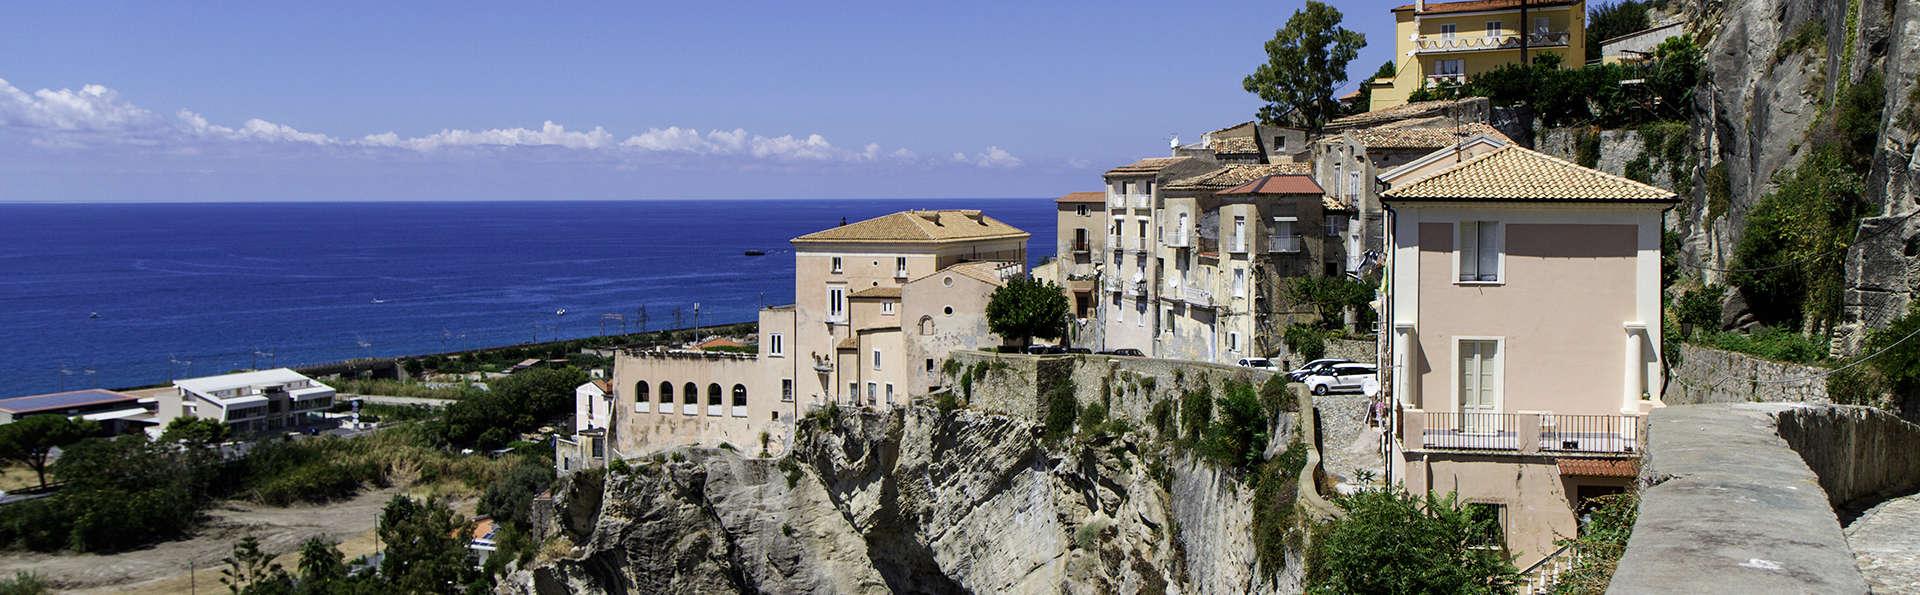 Hotel Calabre Bord De Mer